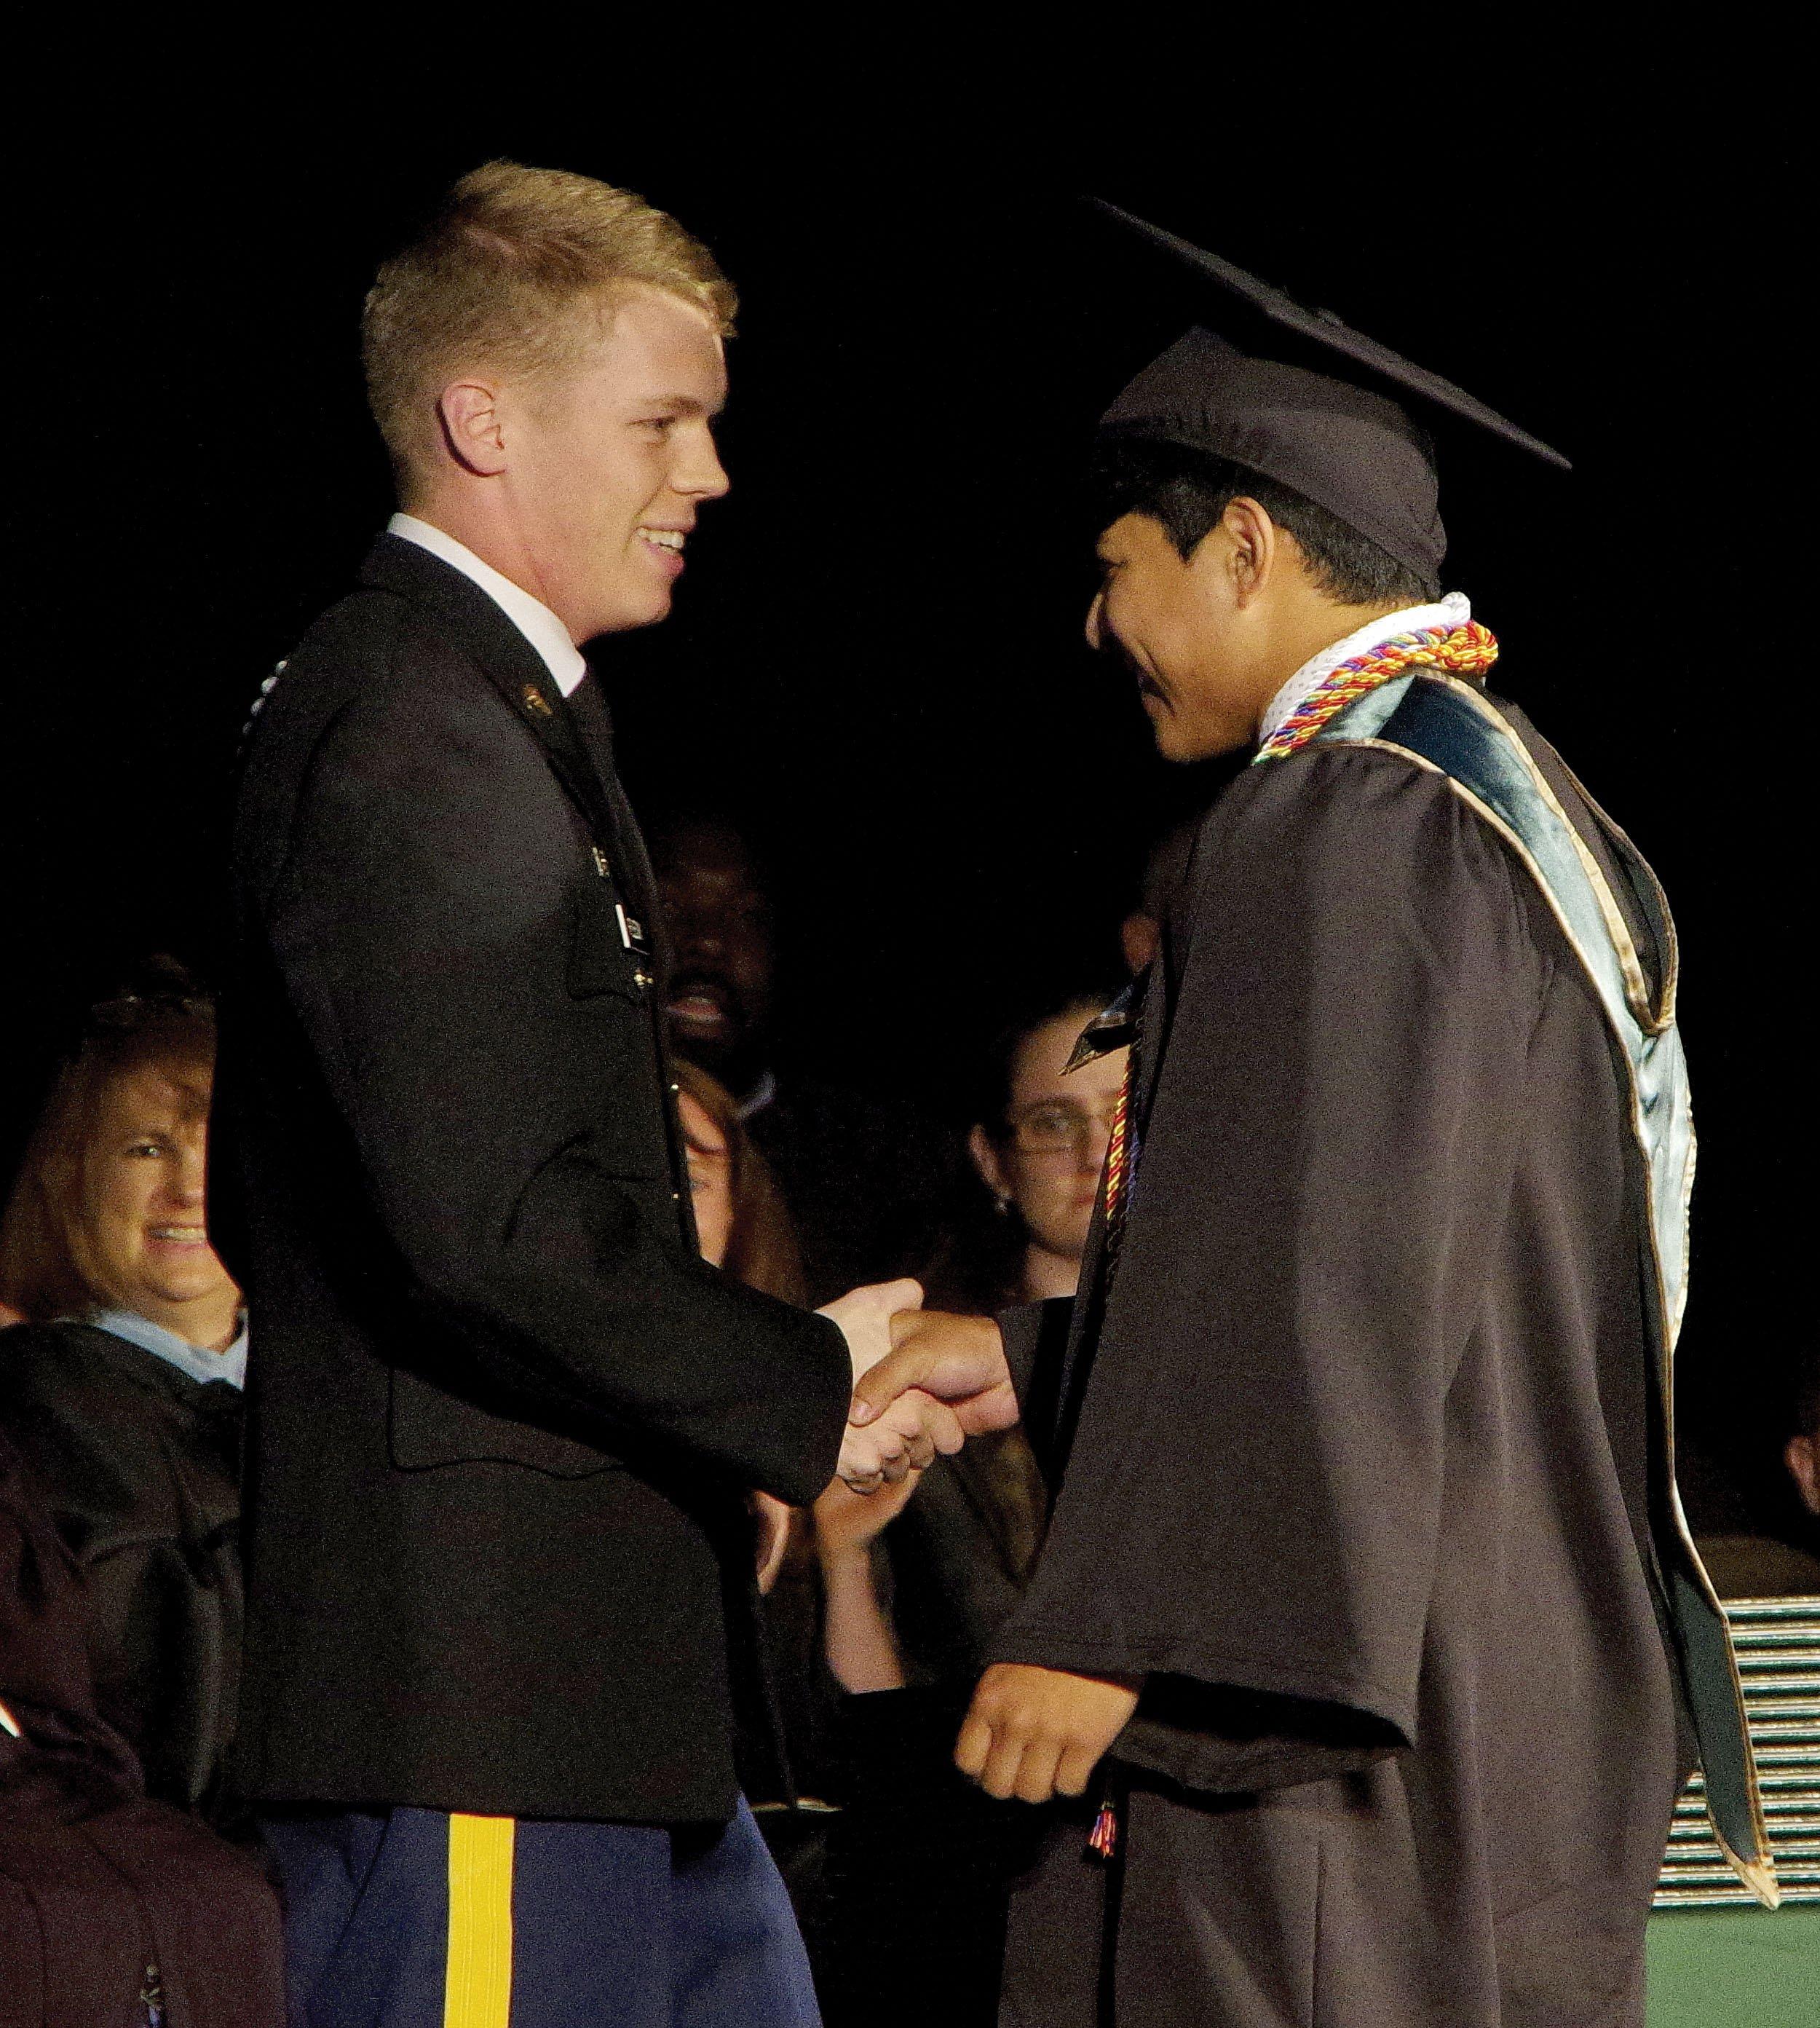 cadet award